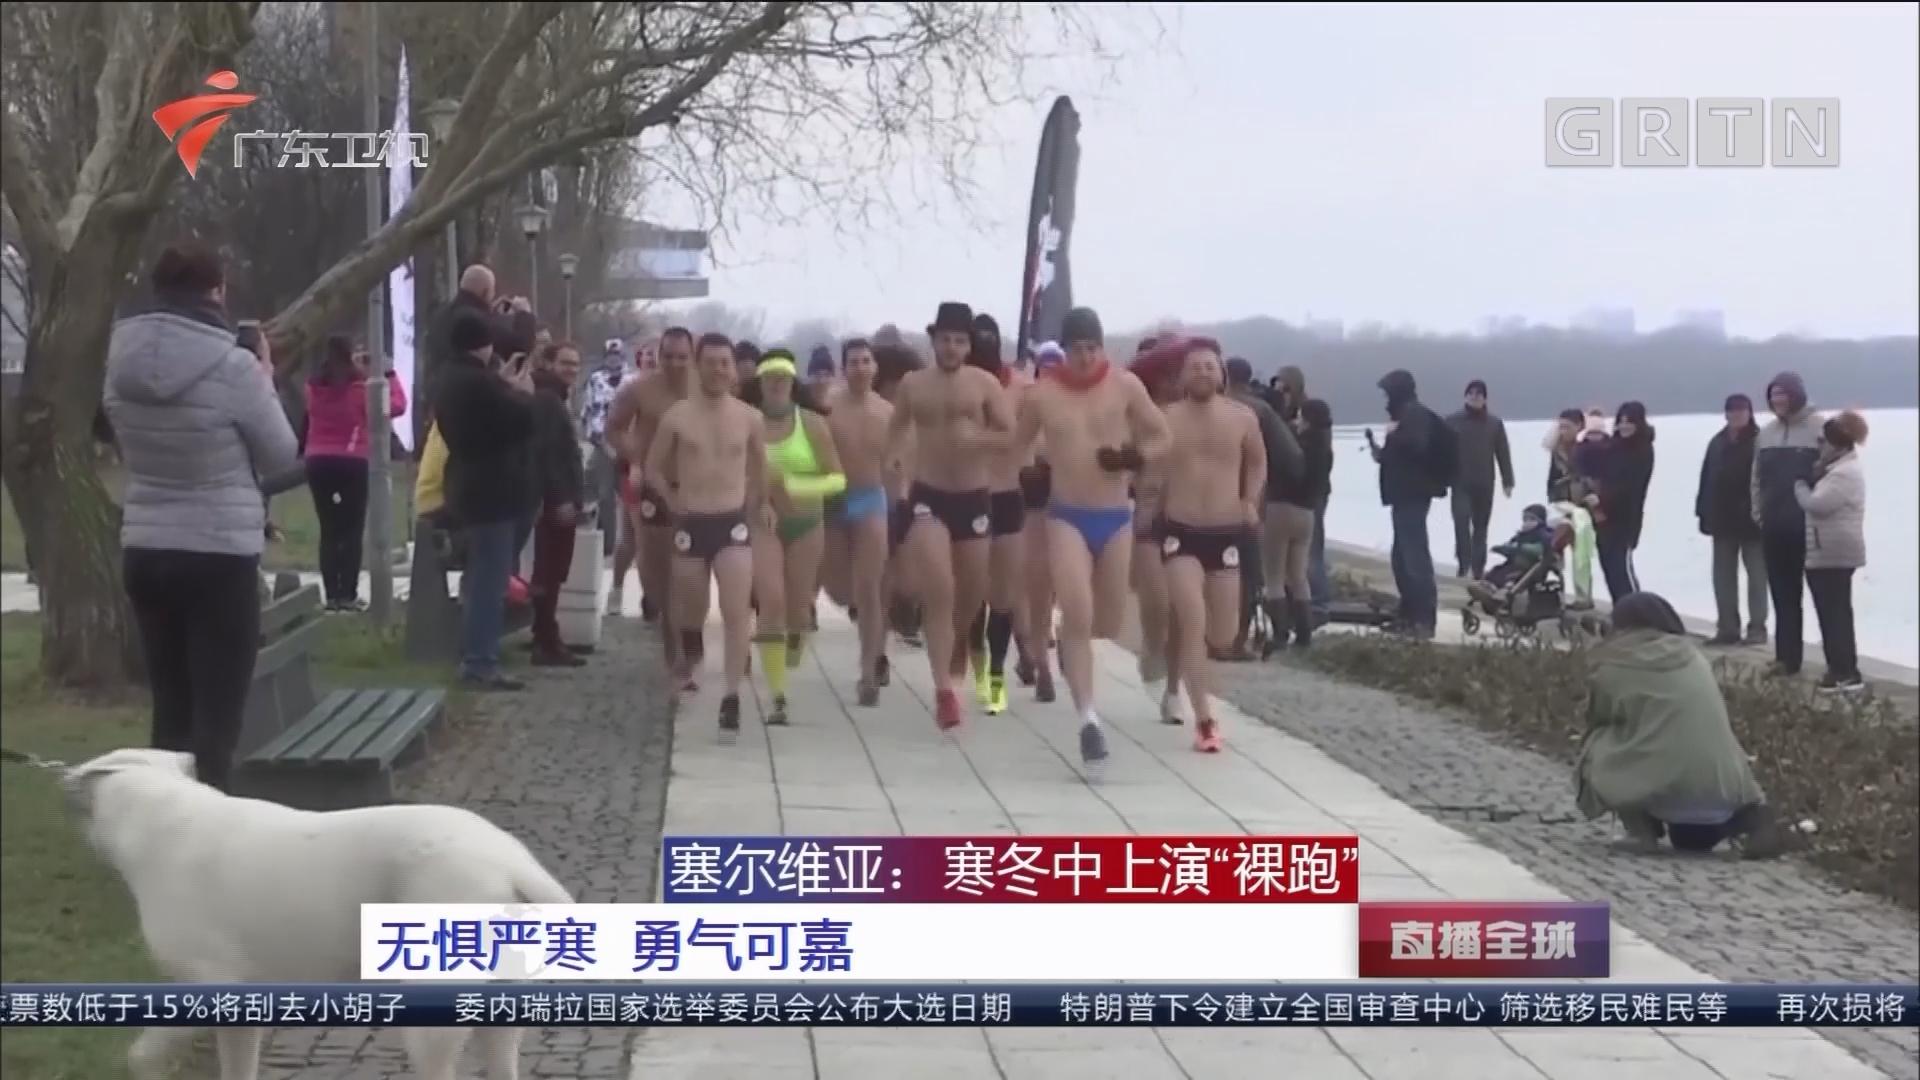 """塞尔维亚:寒冬中上演""""裸跑"""" 无惧严寒 勇气可嘉"""